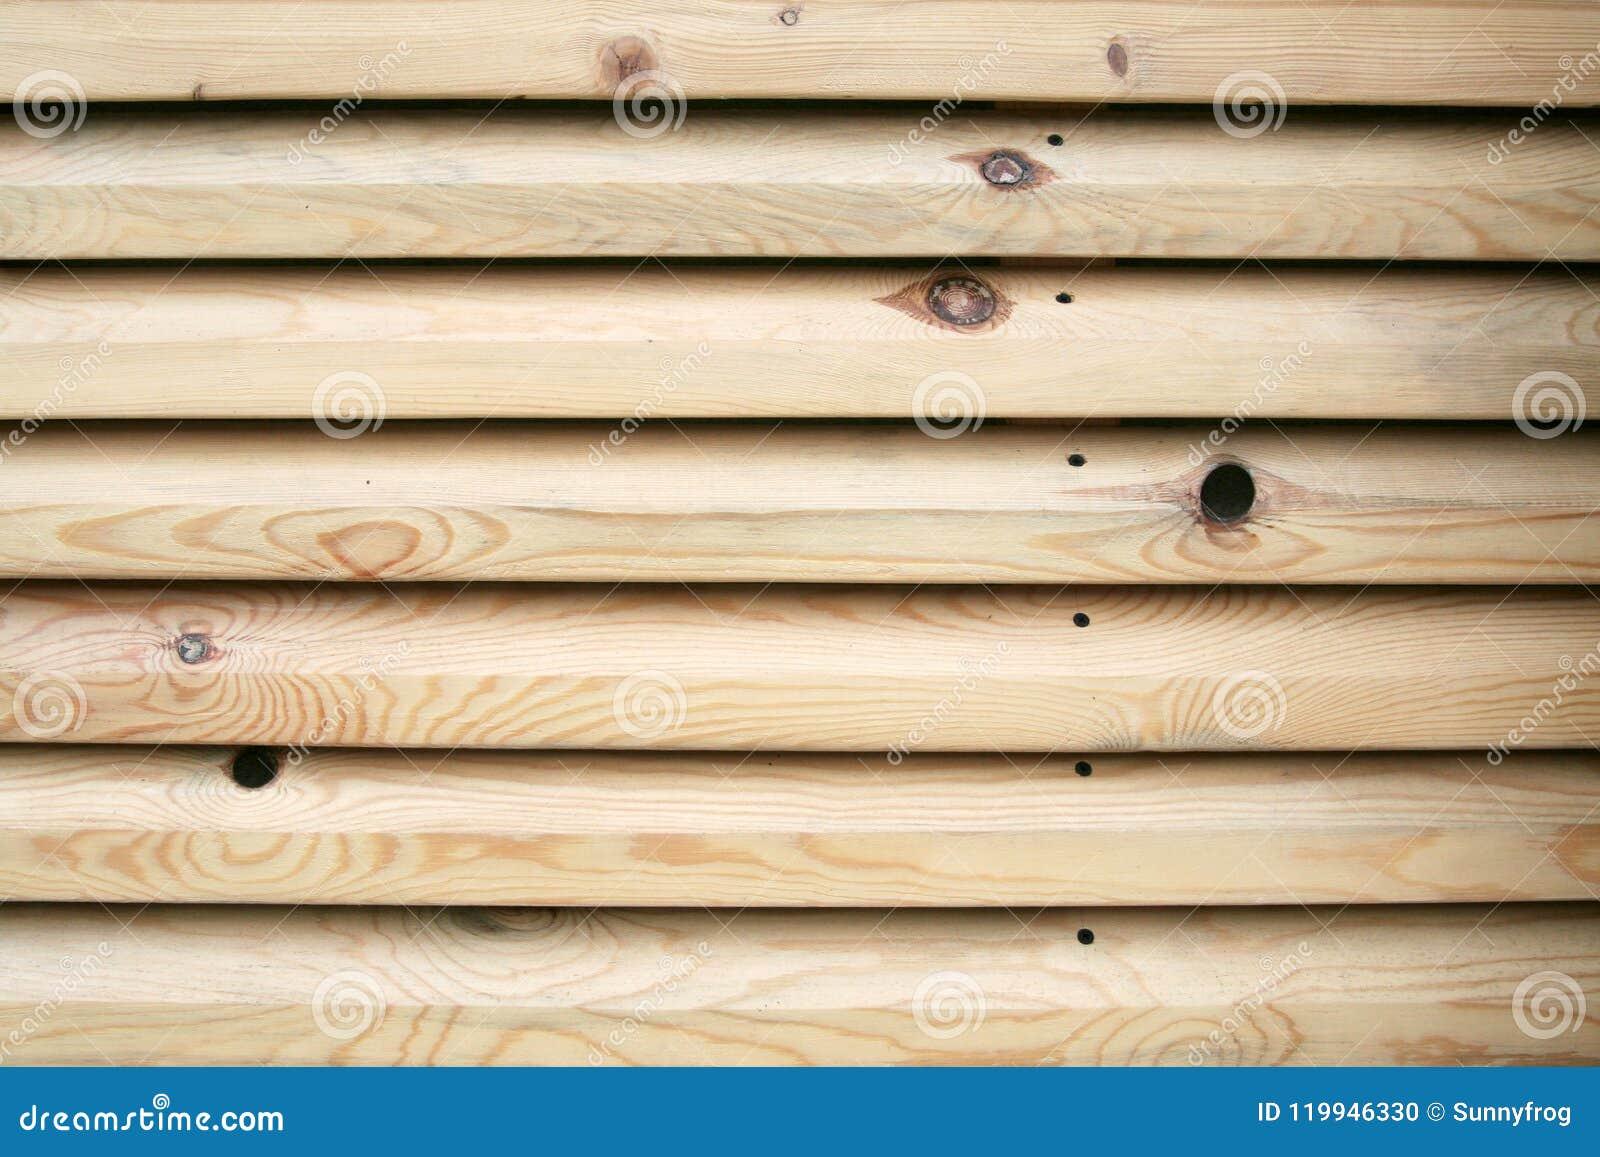 Decorazioni In Legno Per Pareti : Struttura di legno per progettazione e la decorazione parete fatta